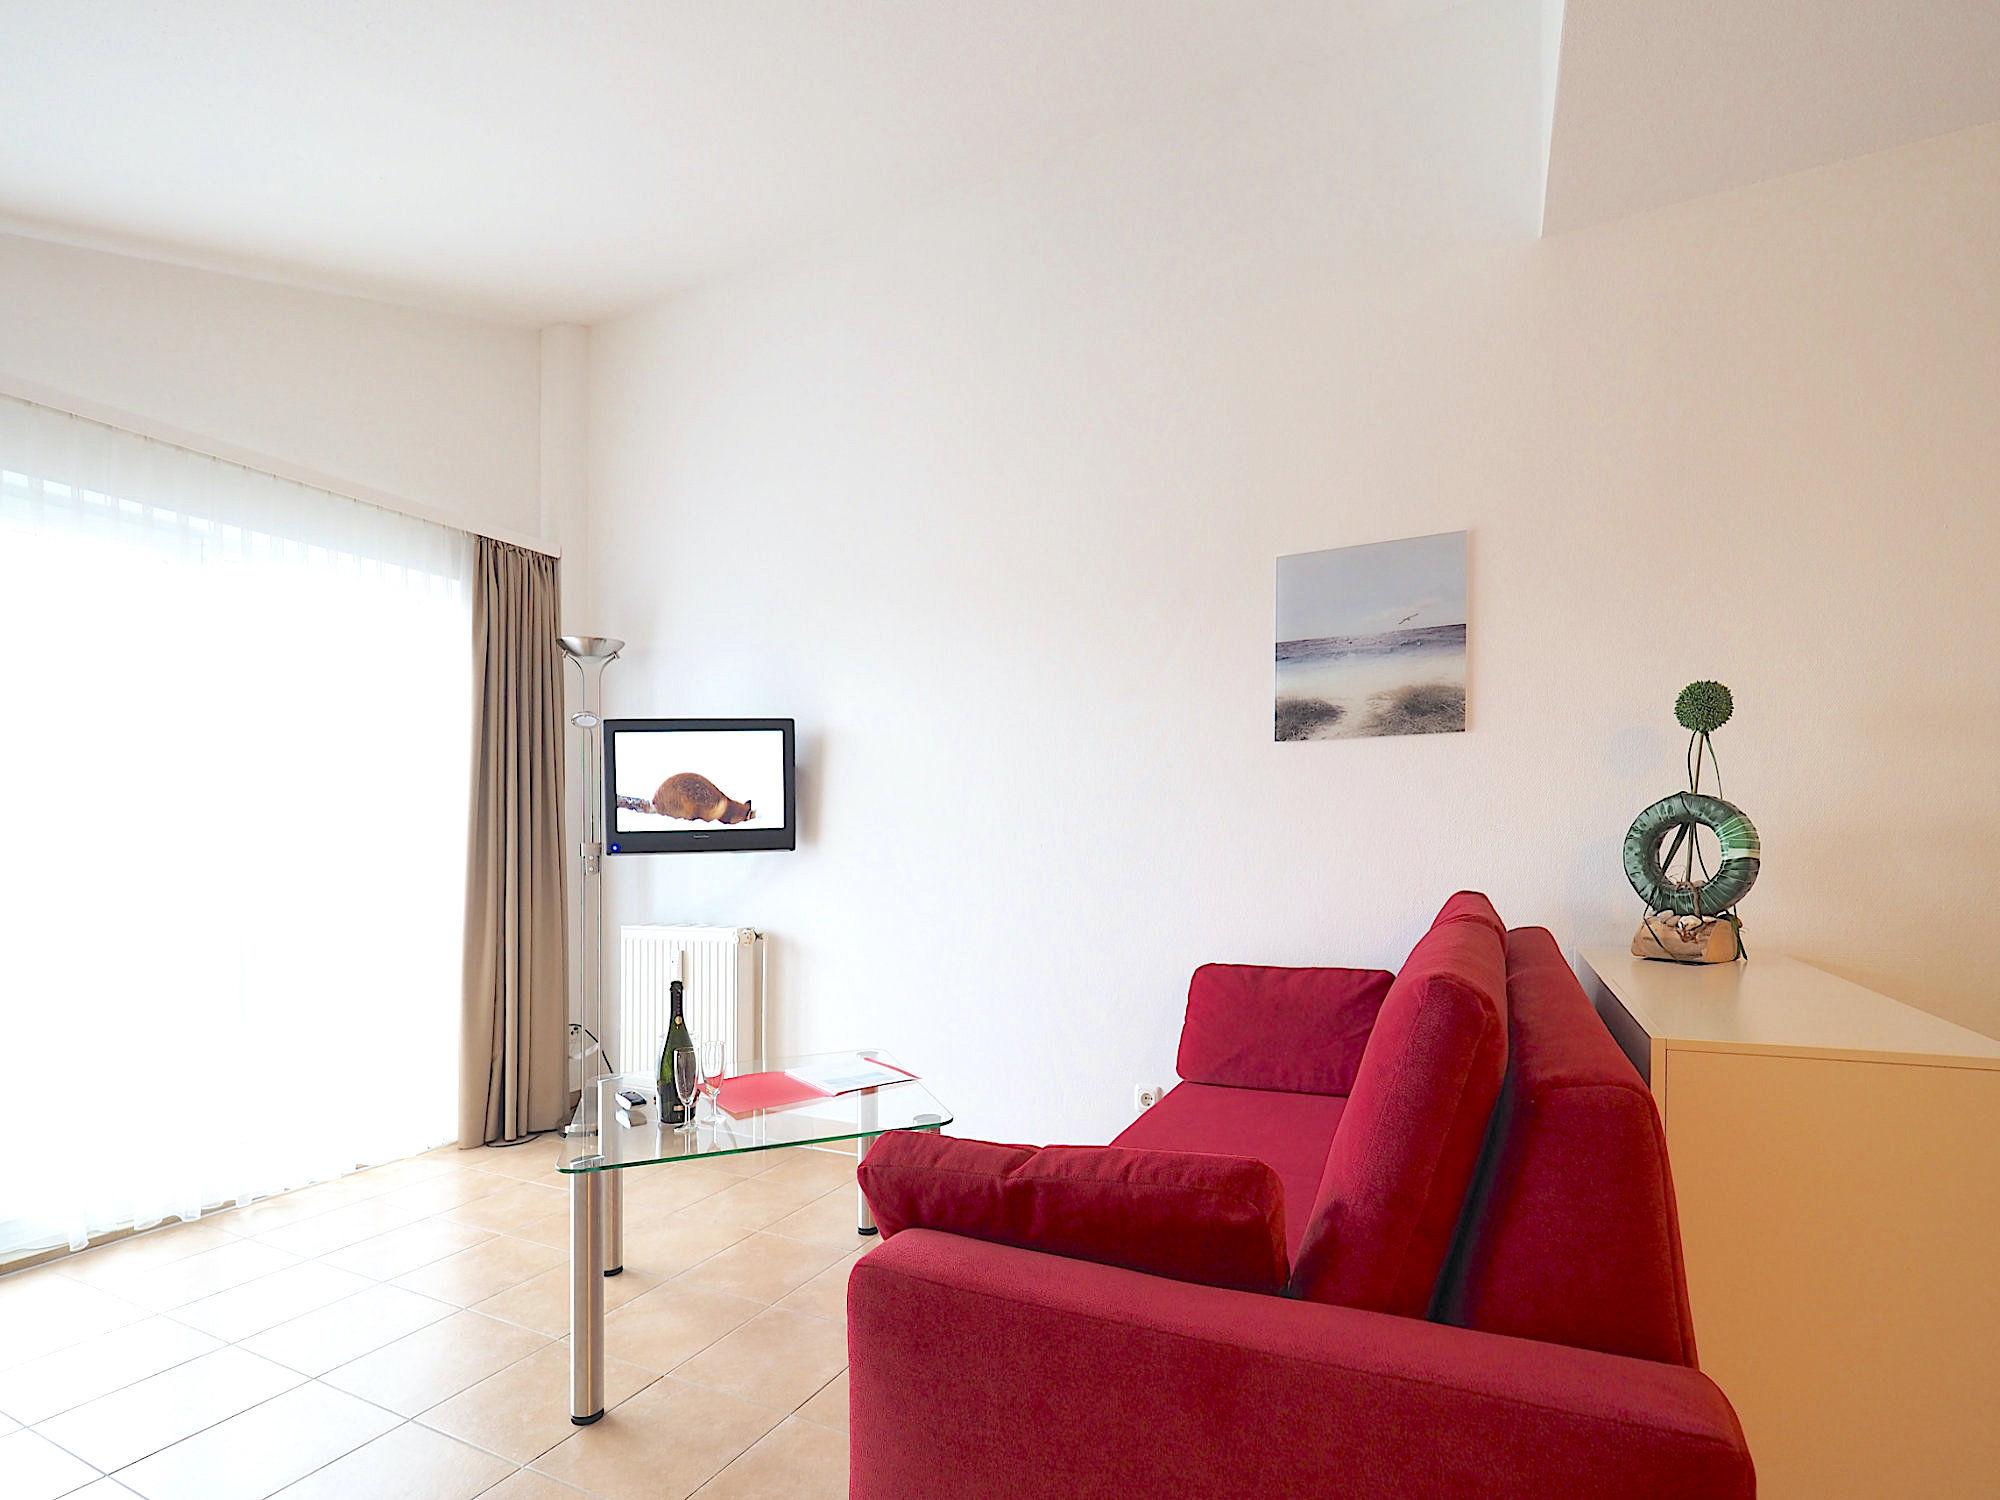 Wohnzimmer mit Couch, Glastisch und Flatsreen TV, im Hintergrund große, bodentiefe Fenster